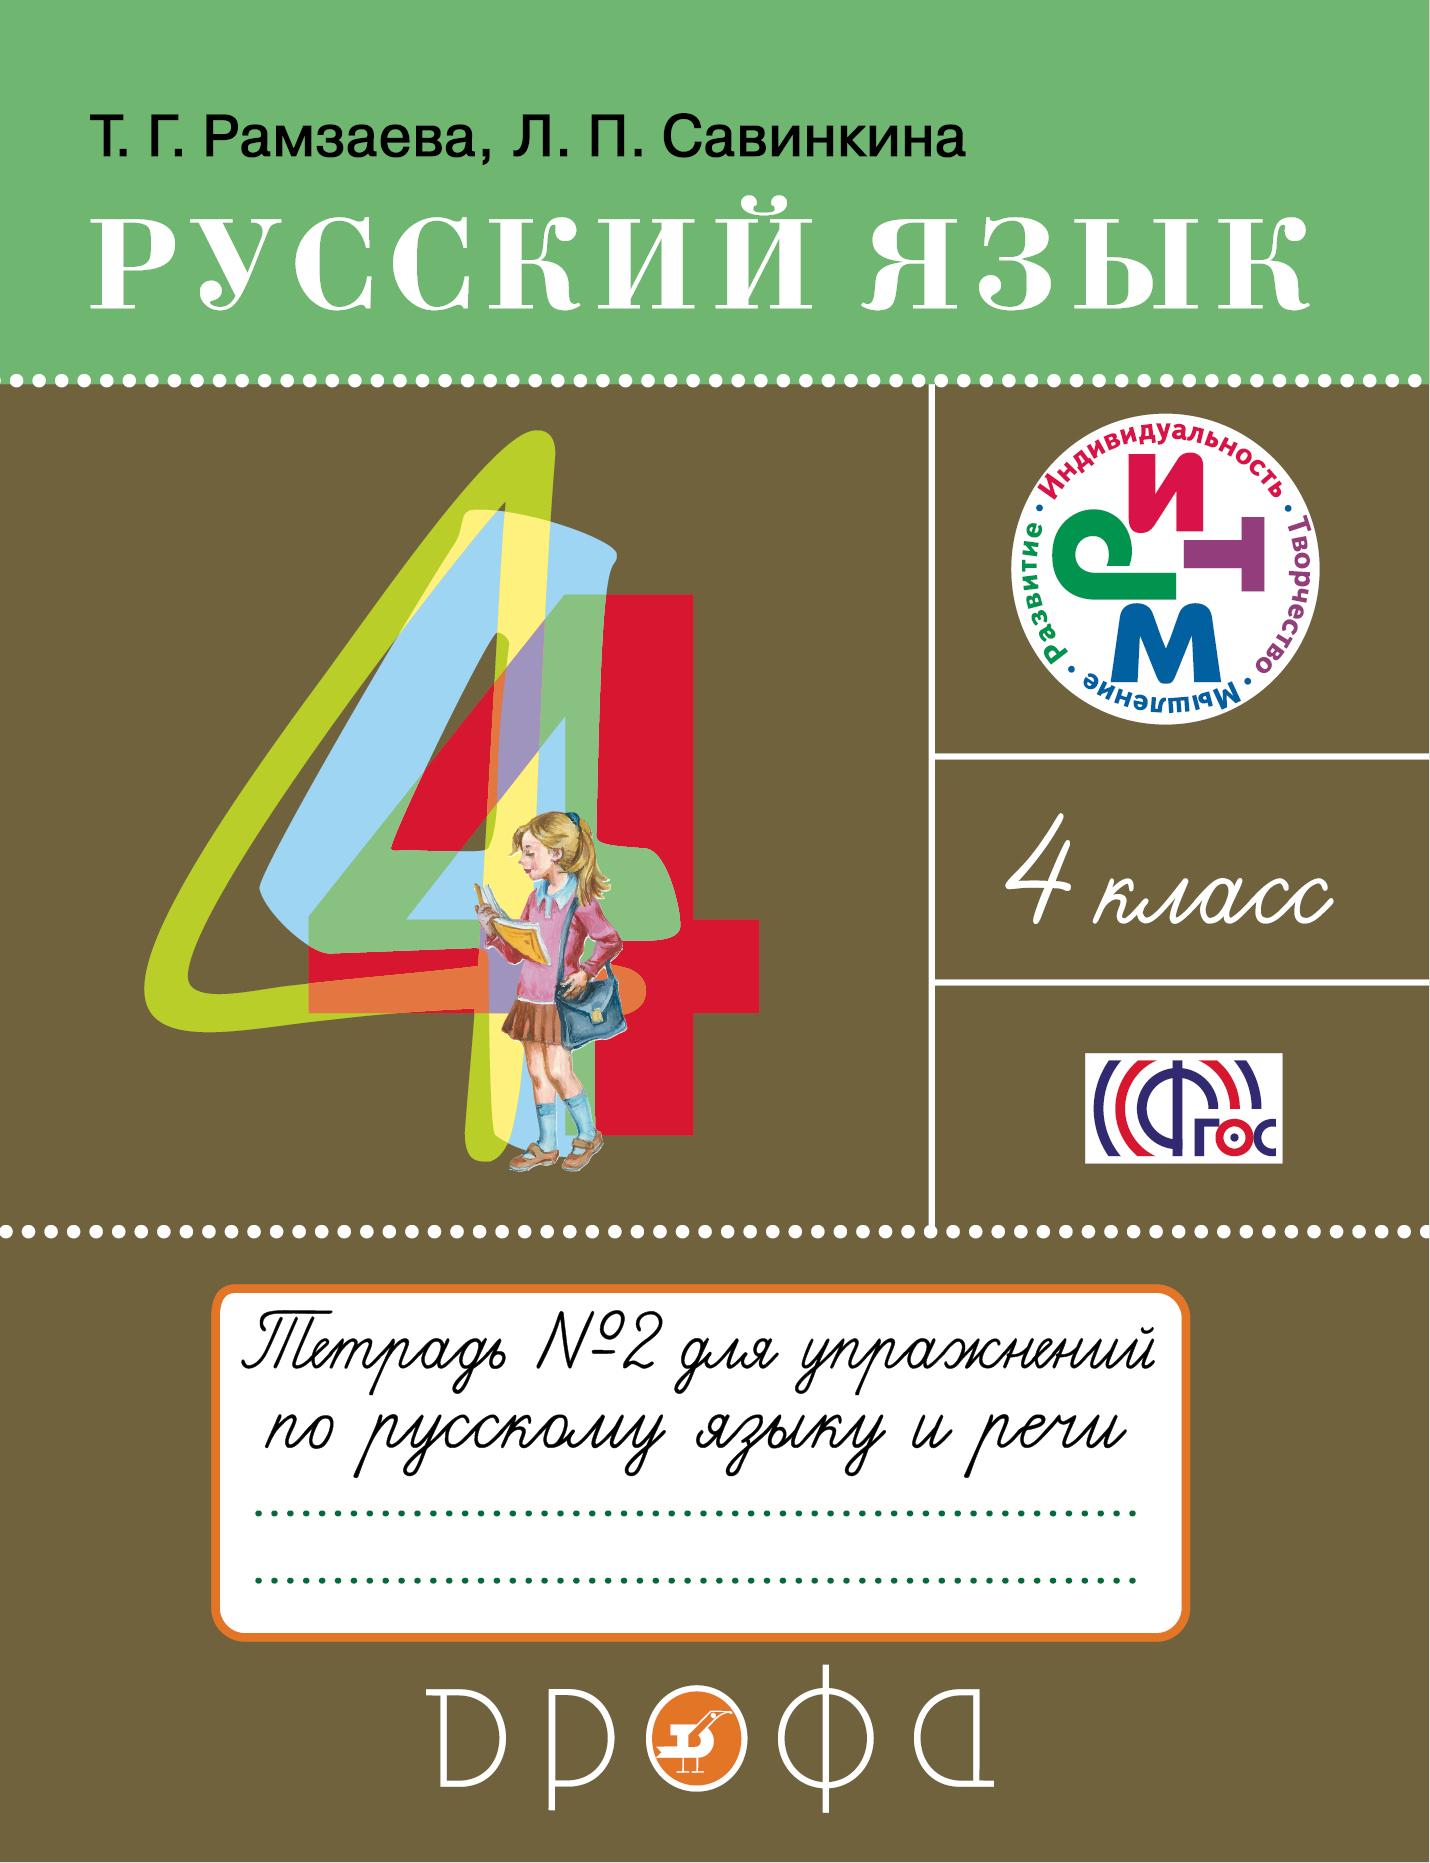 Т. Г. Рамзаева, Л. П. Савинкин Русский язык. 4 класс. Тетрадь №2 для упражнений по русскому языку и речи